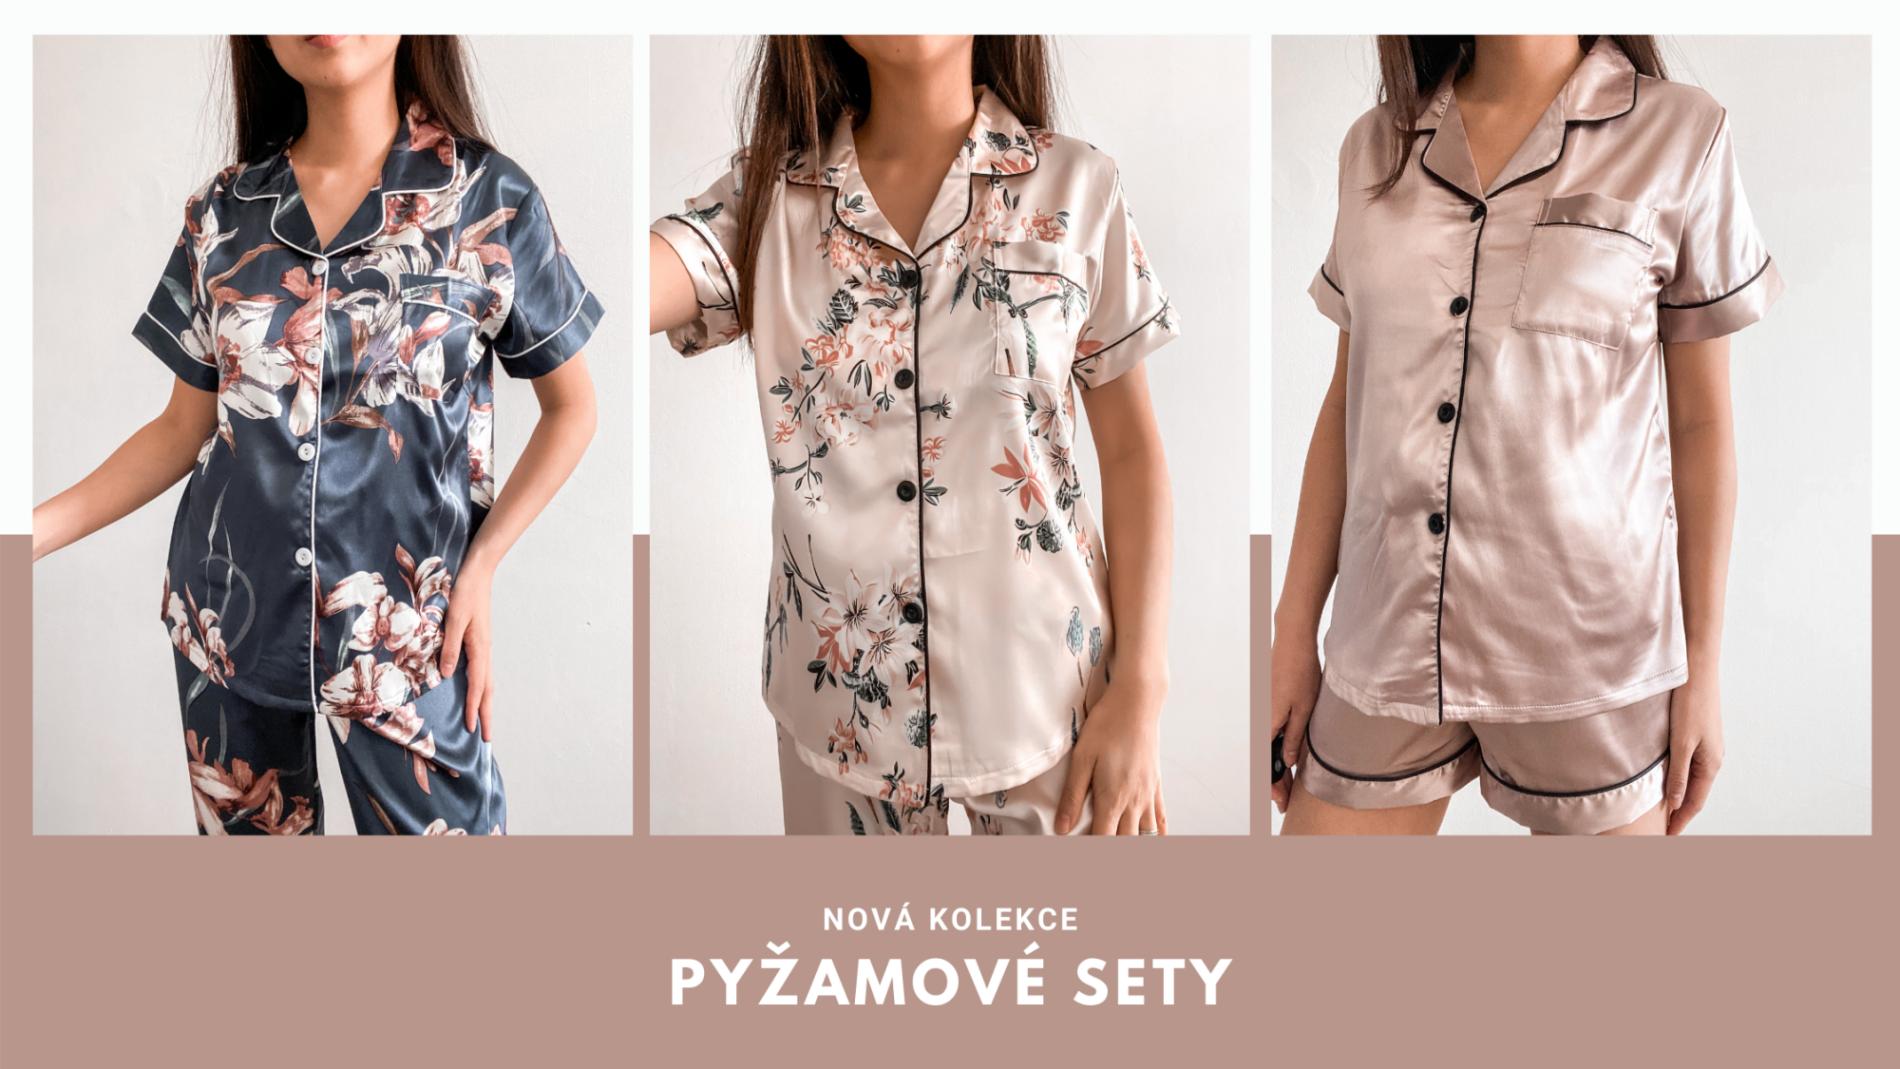 pyzamove sety